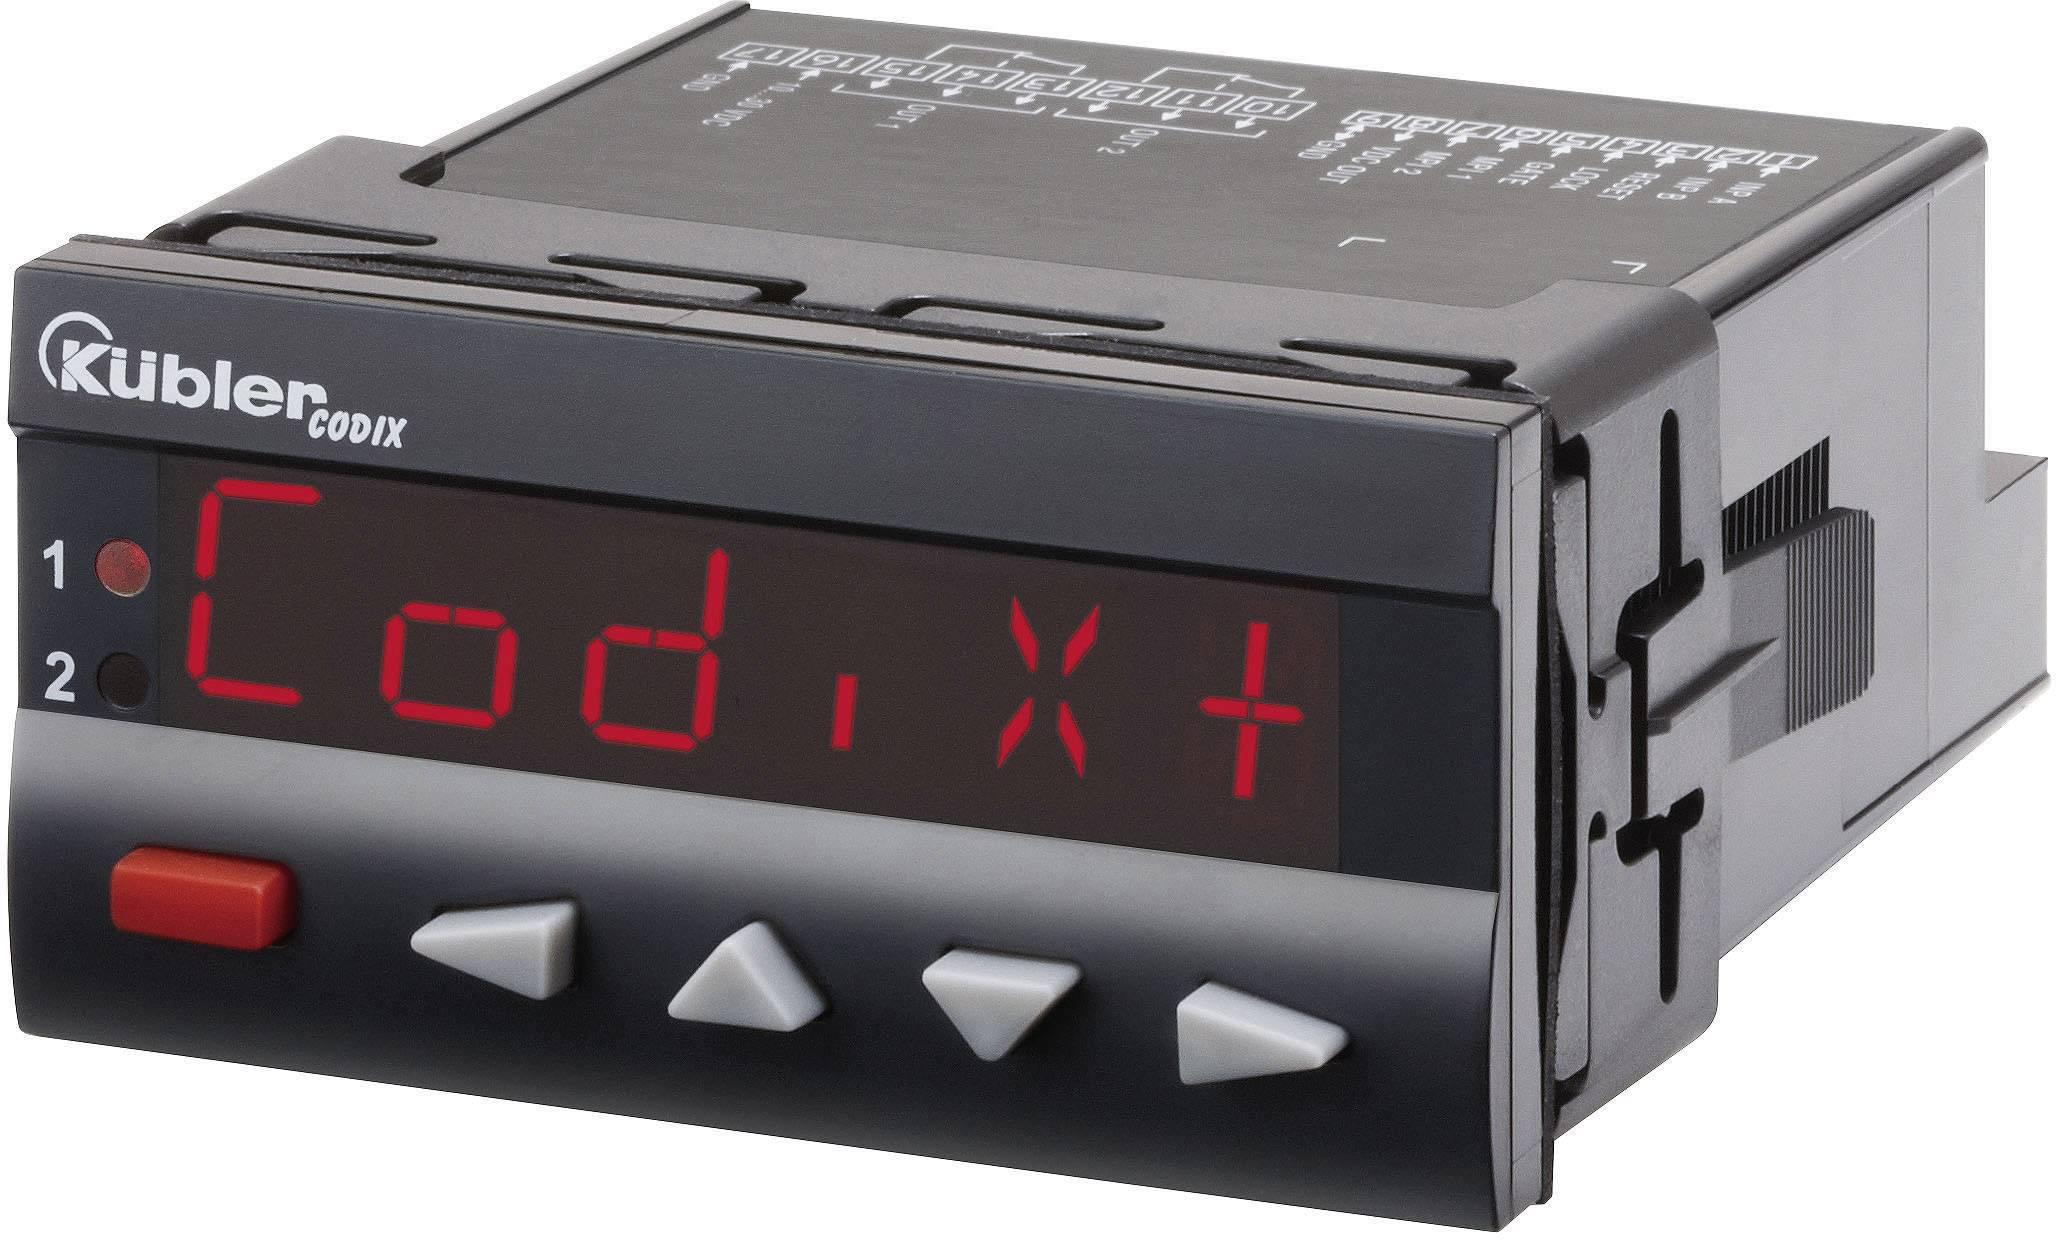 Čítač s predvoľbou Kübler Codix 560 AC, RS232, 90 - 260 V/AC